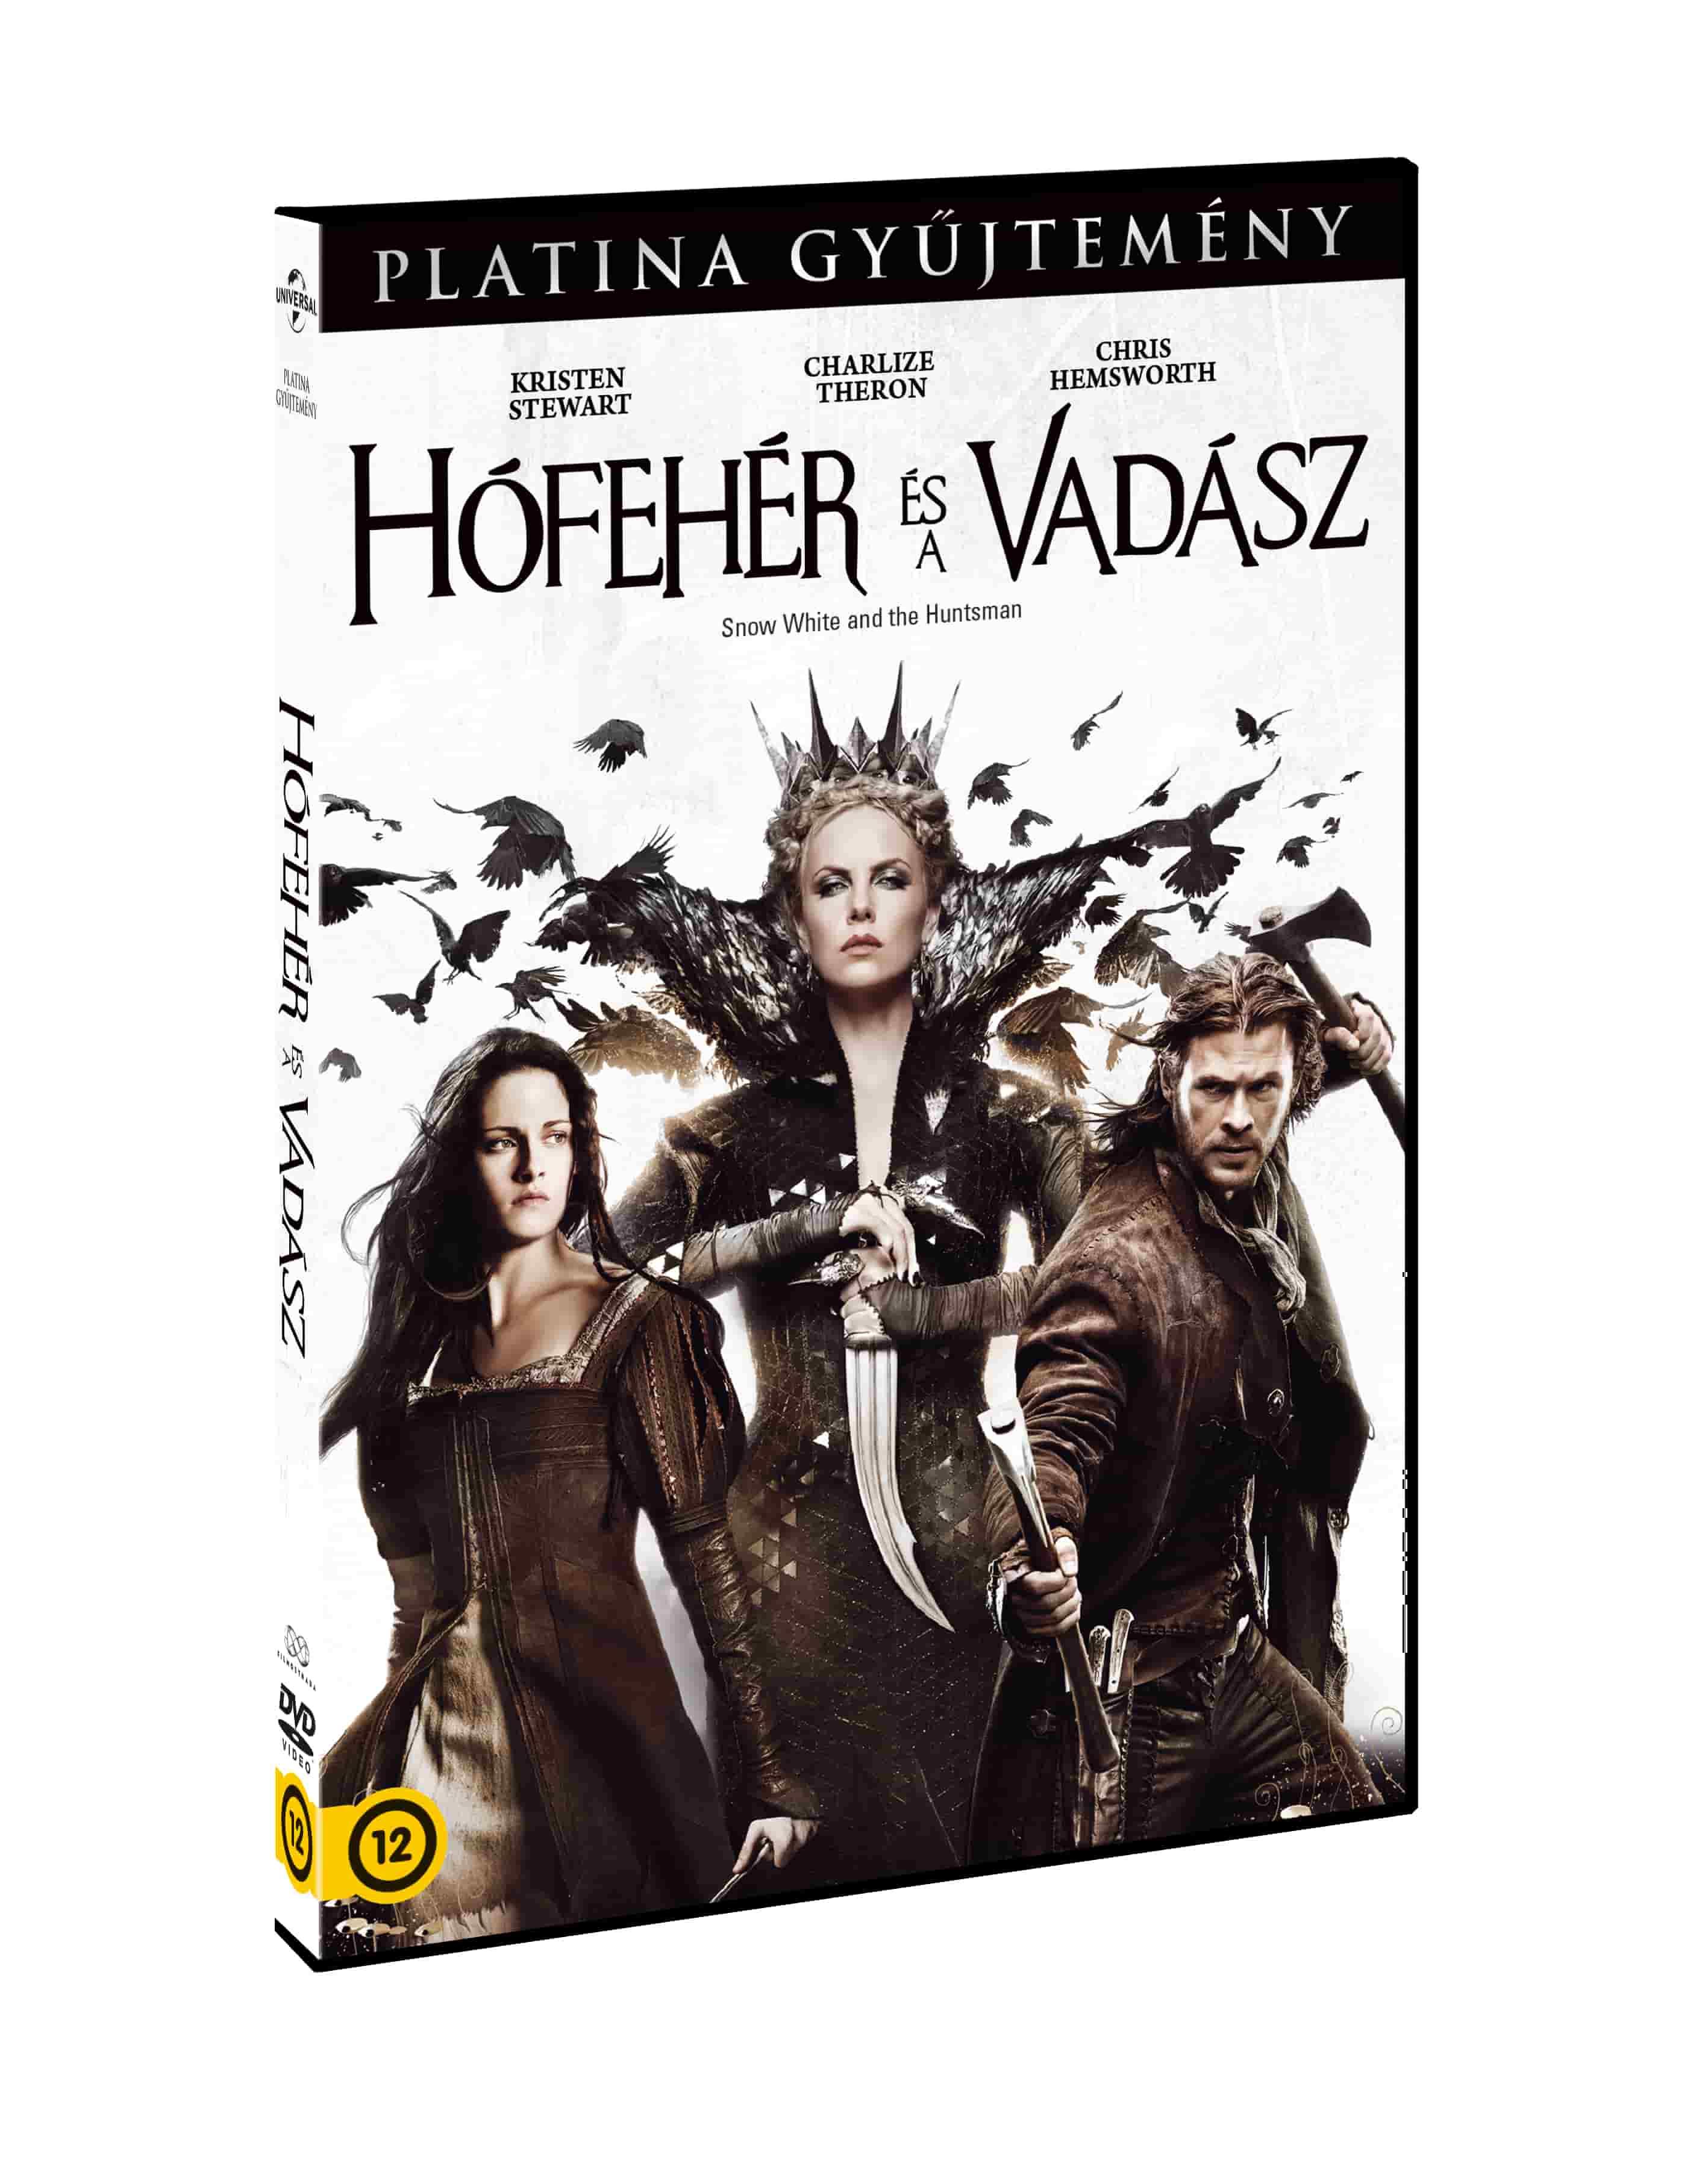 Hófehér és a vadász (platina gyűjtemény) - DVD